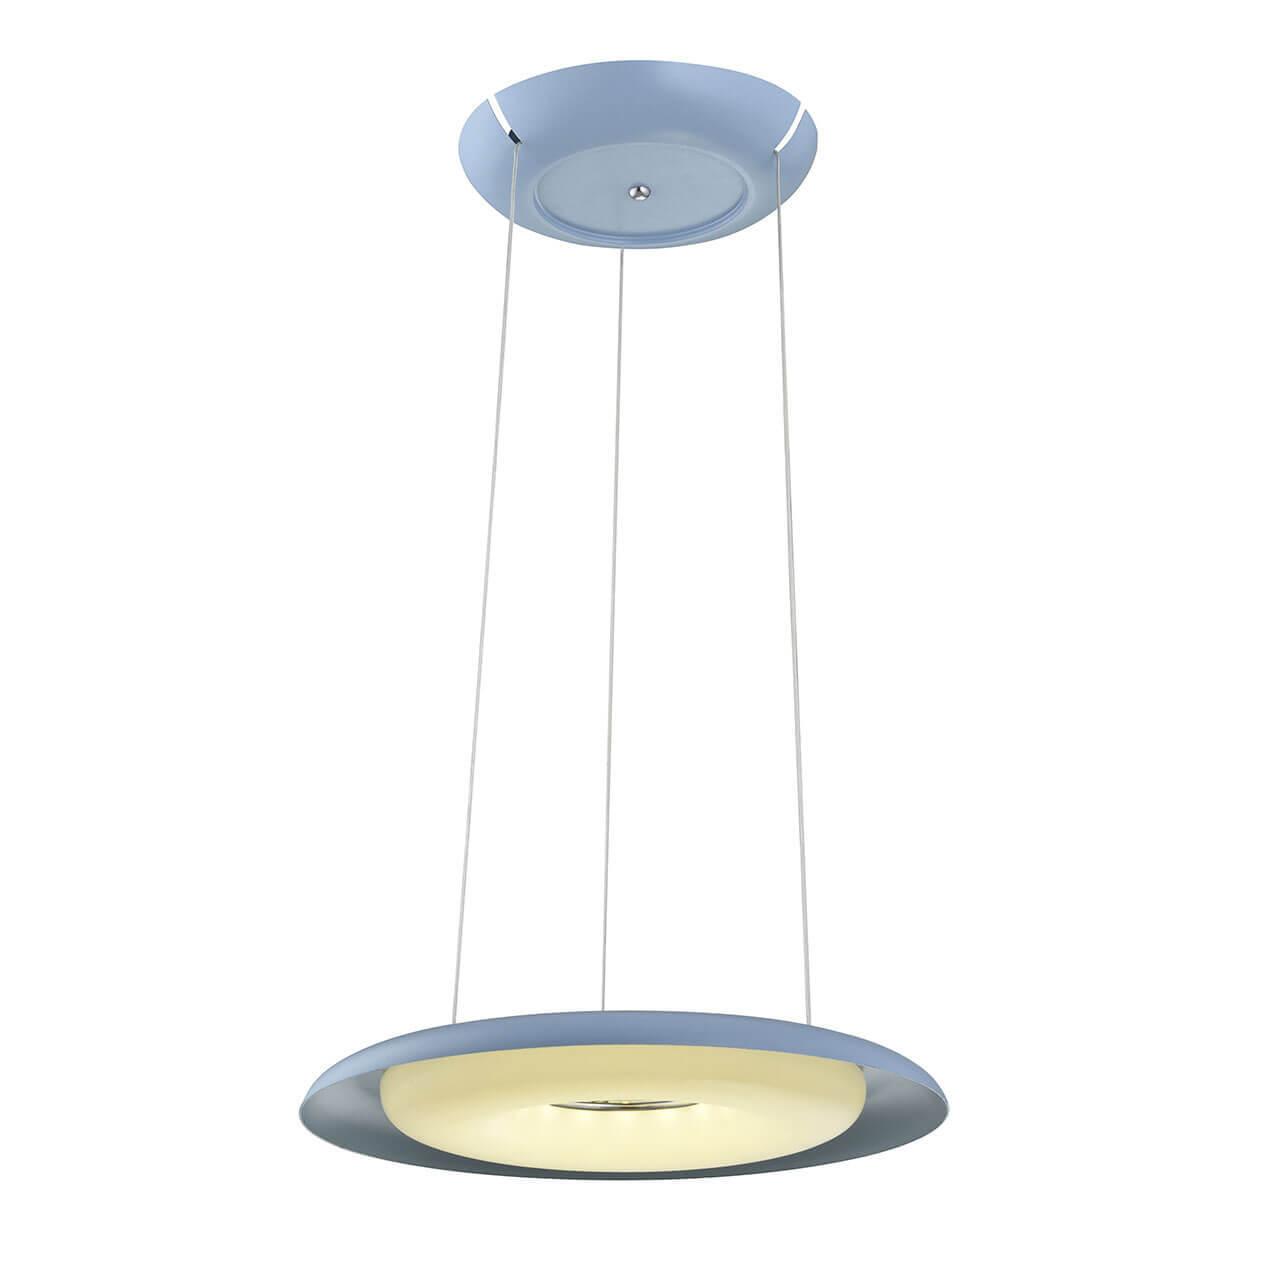 купить Подвесной светодиодный светильник Horoz Deluxe синий 019-012-0035 по цене 11384 рублей